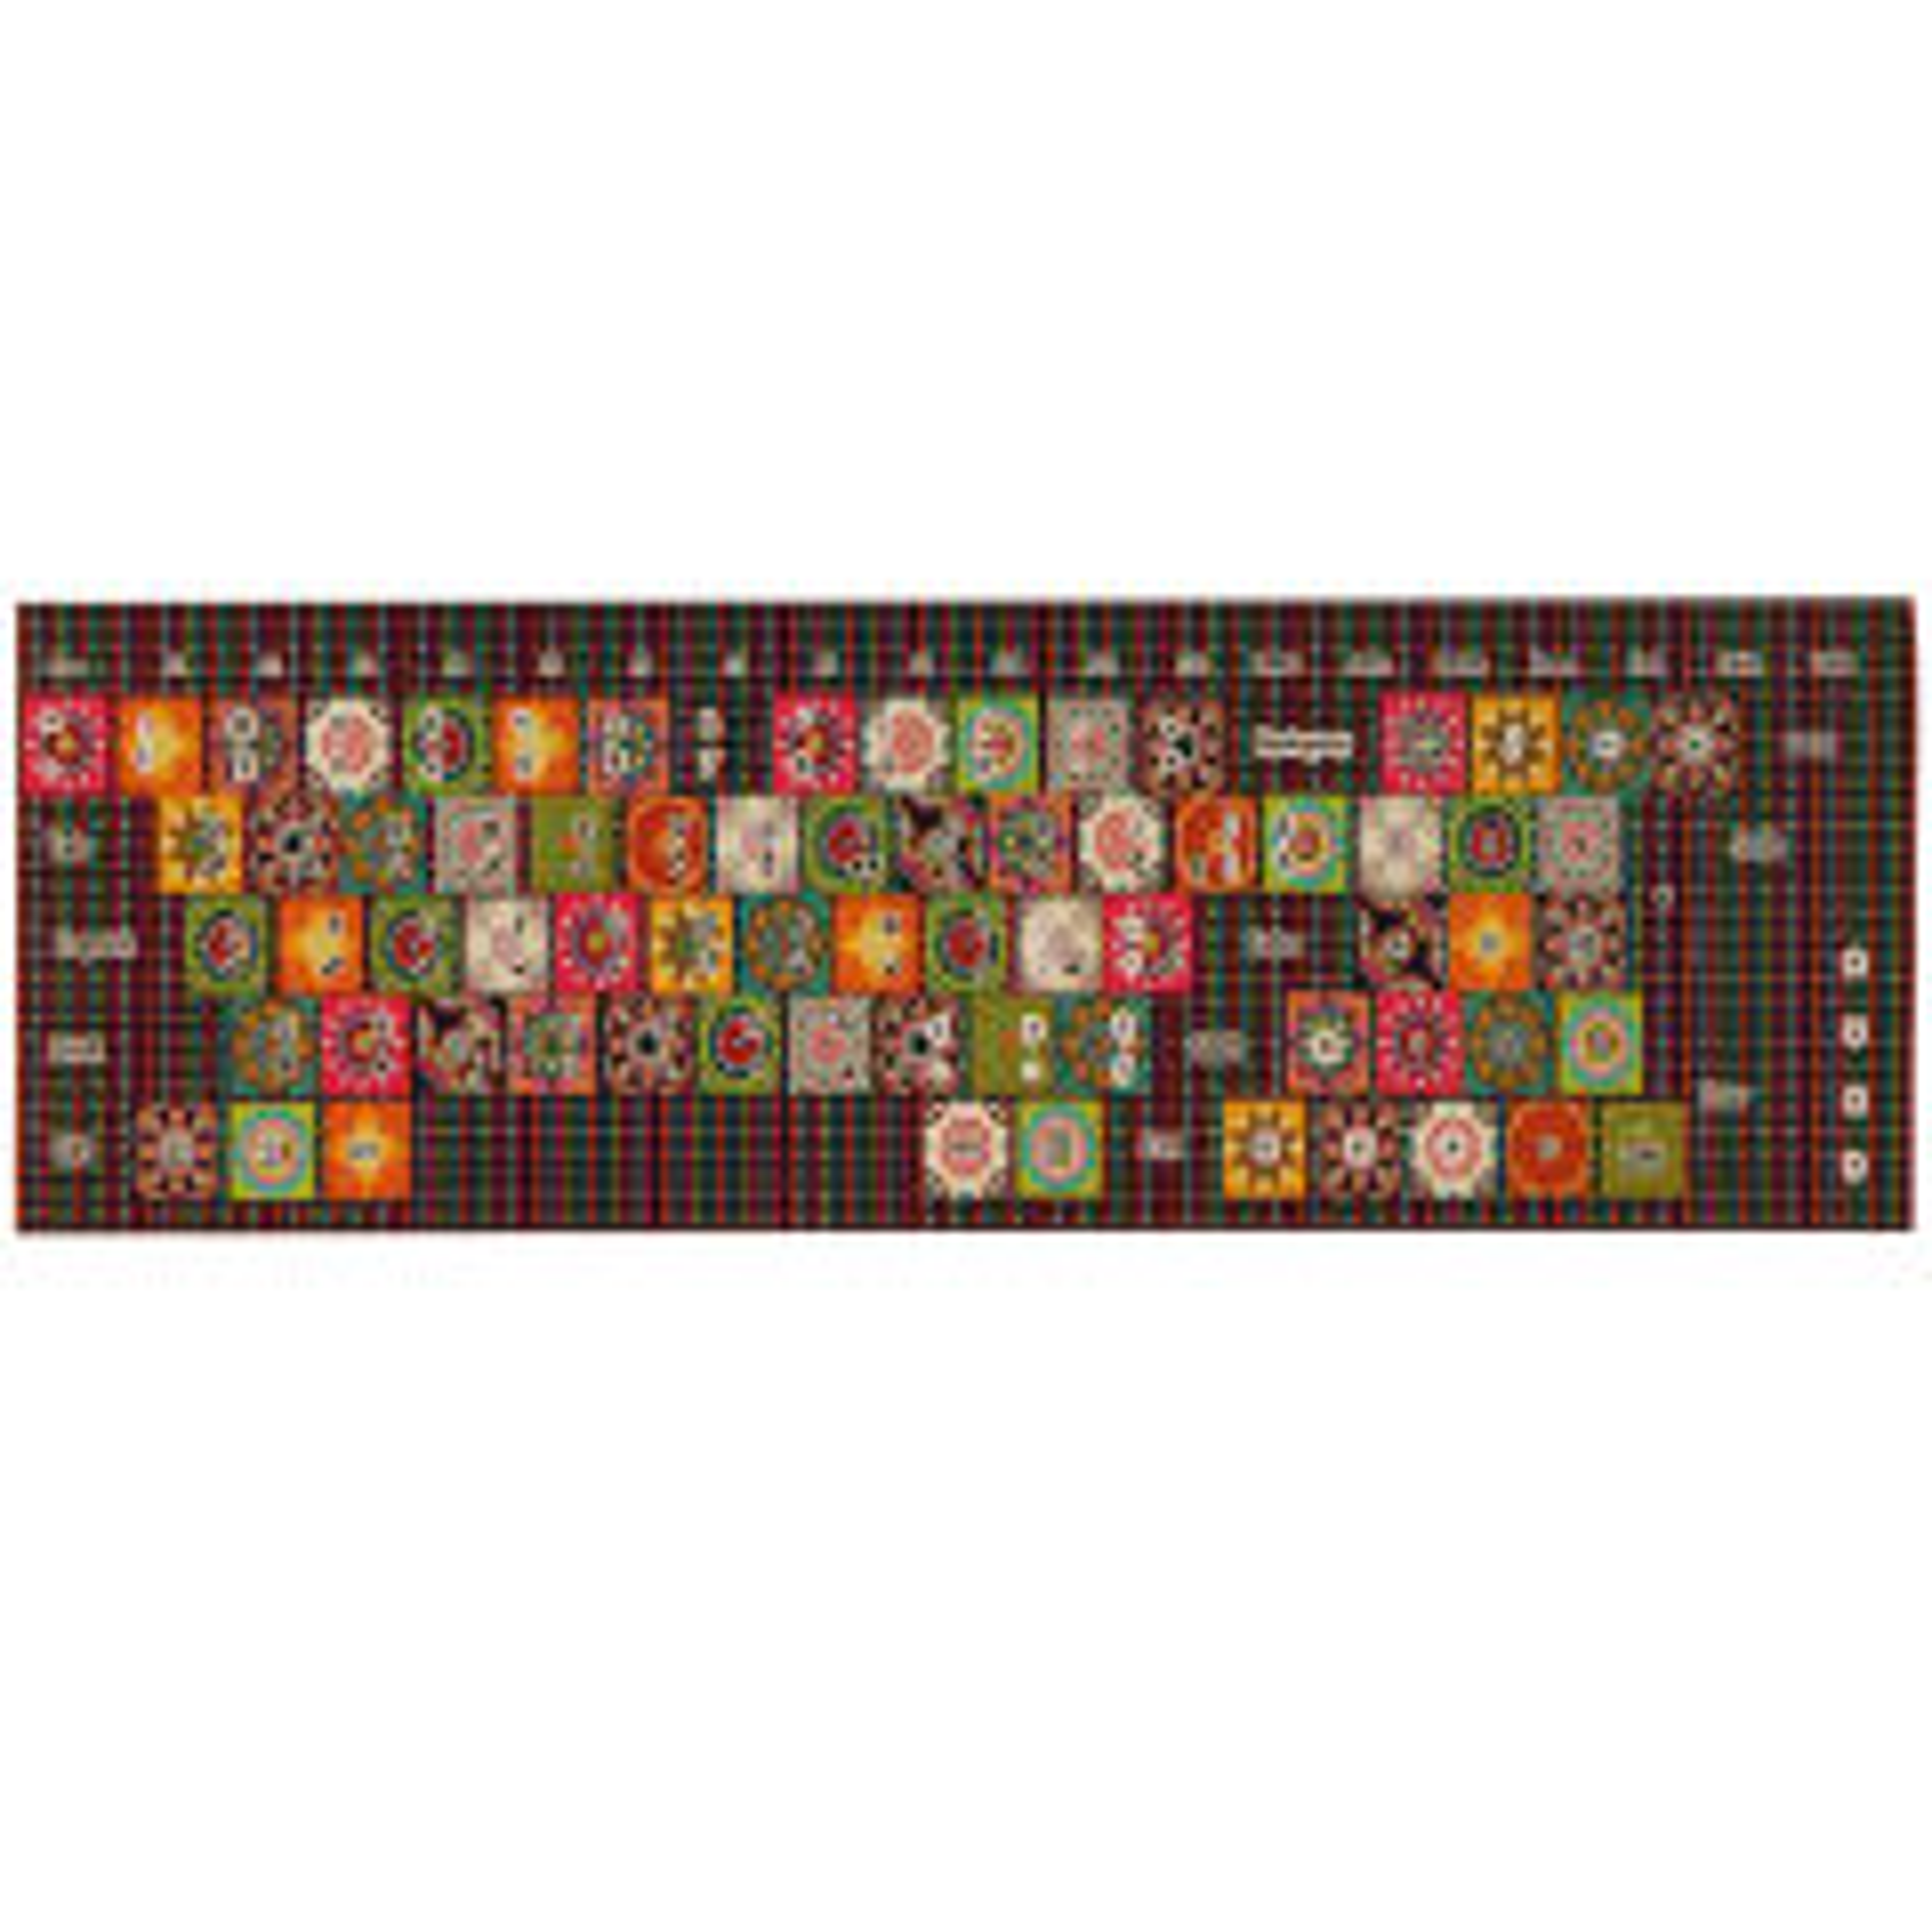 برچسب حروف فارسی کیبورد طرح سنتی کد 002